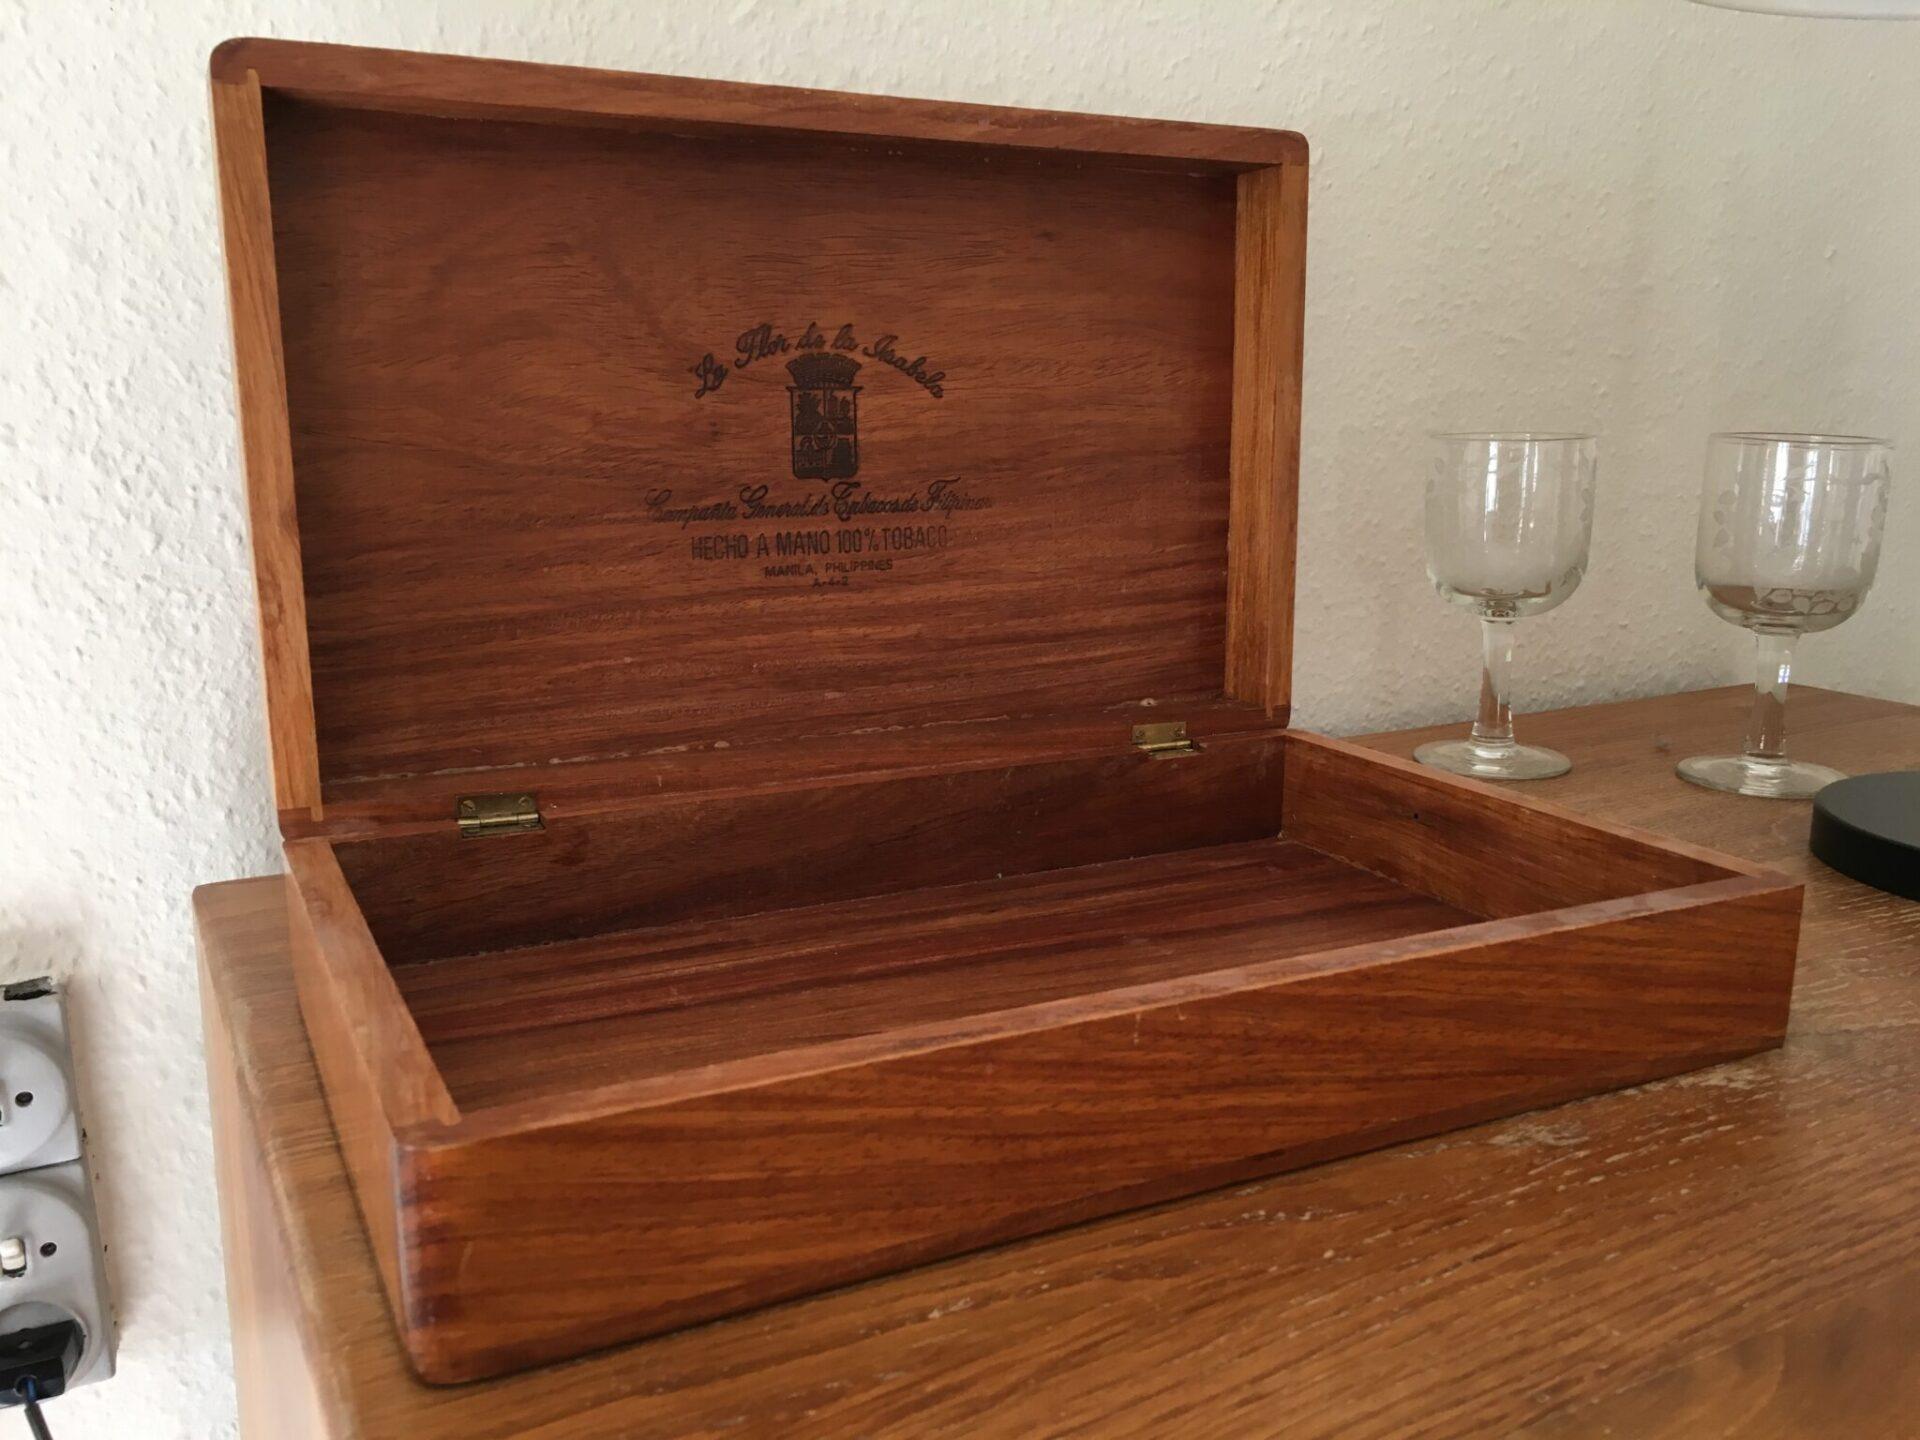 stor retro cigarkasse (39x24x10 cm) af mahogni